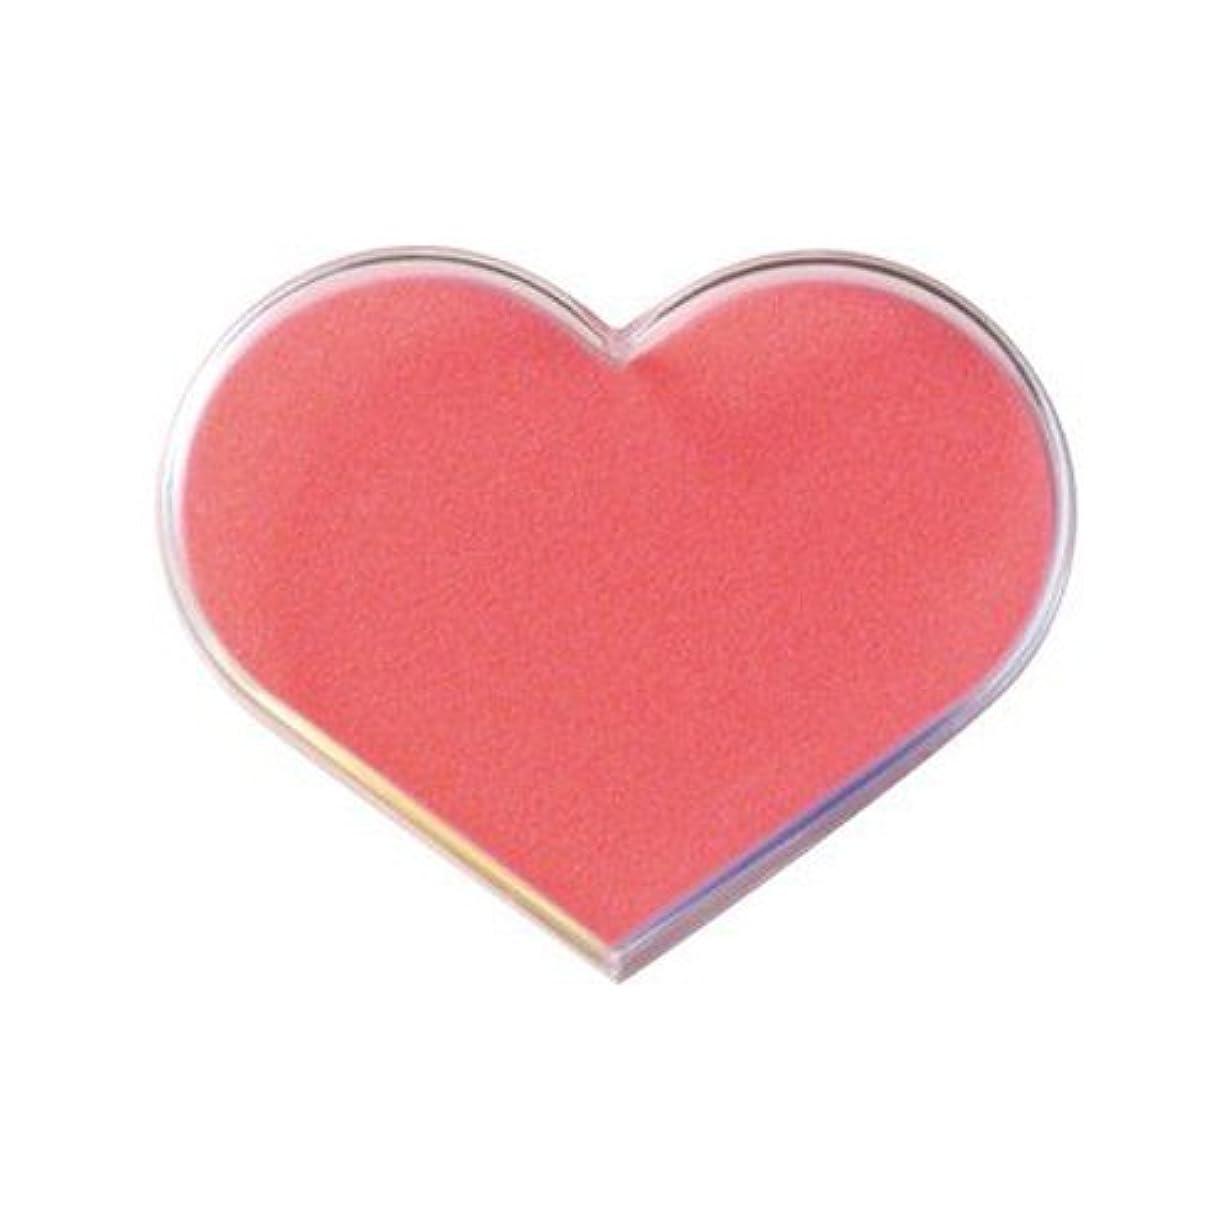 興奮用量くさびPOSH ART ハートチップケース ピンク